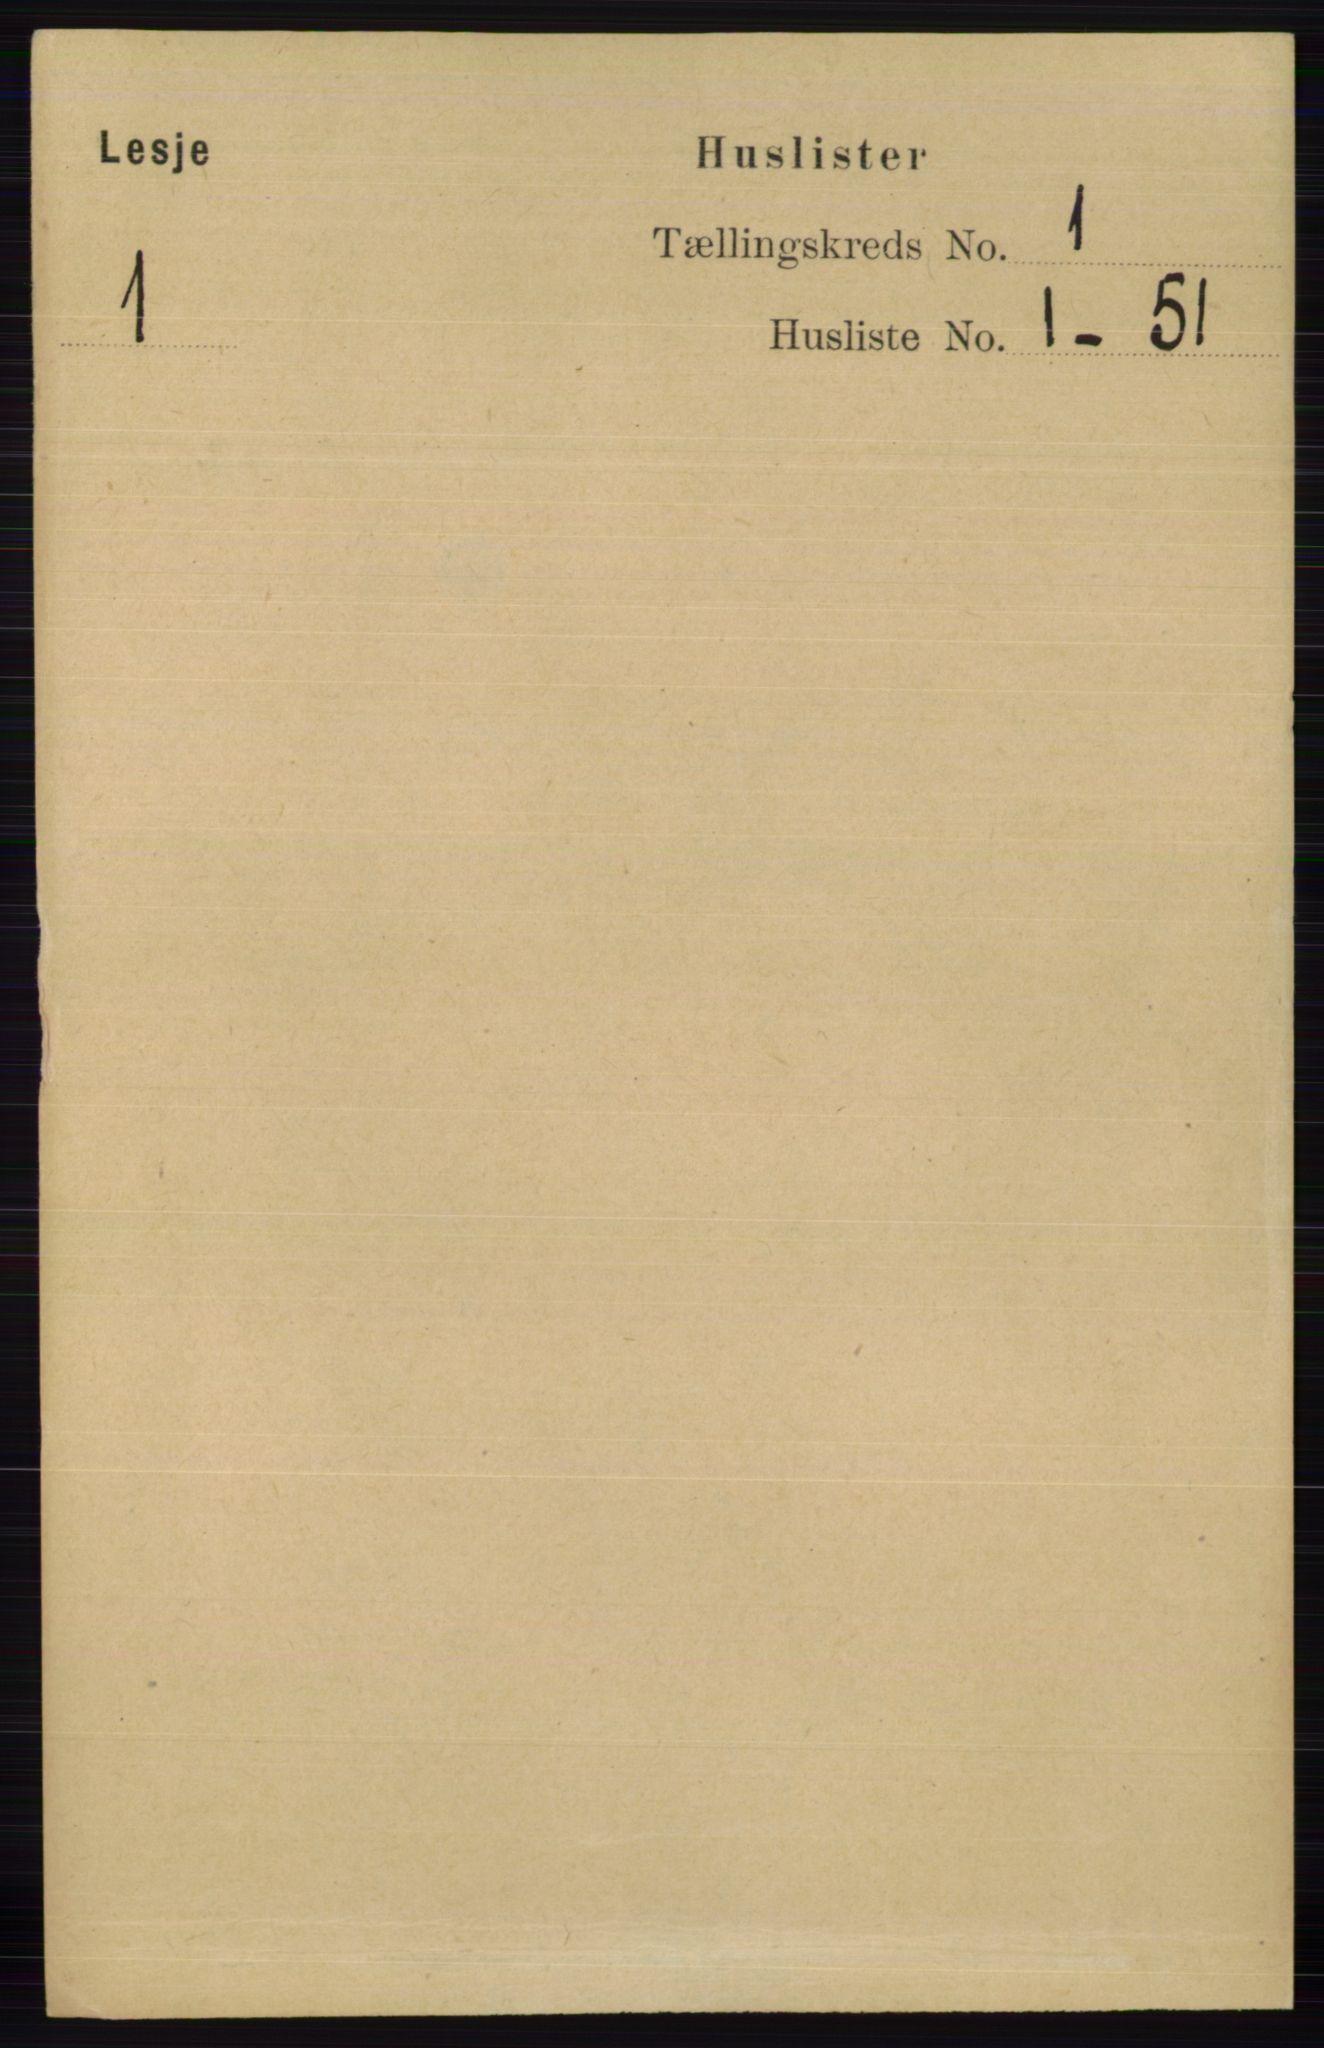 RA, Folketelling 1891 for 0512 Lesja herred, 1891, s. 22